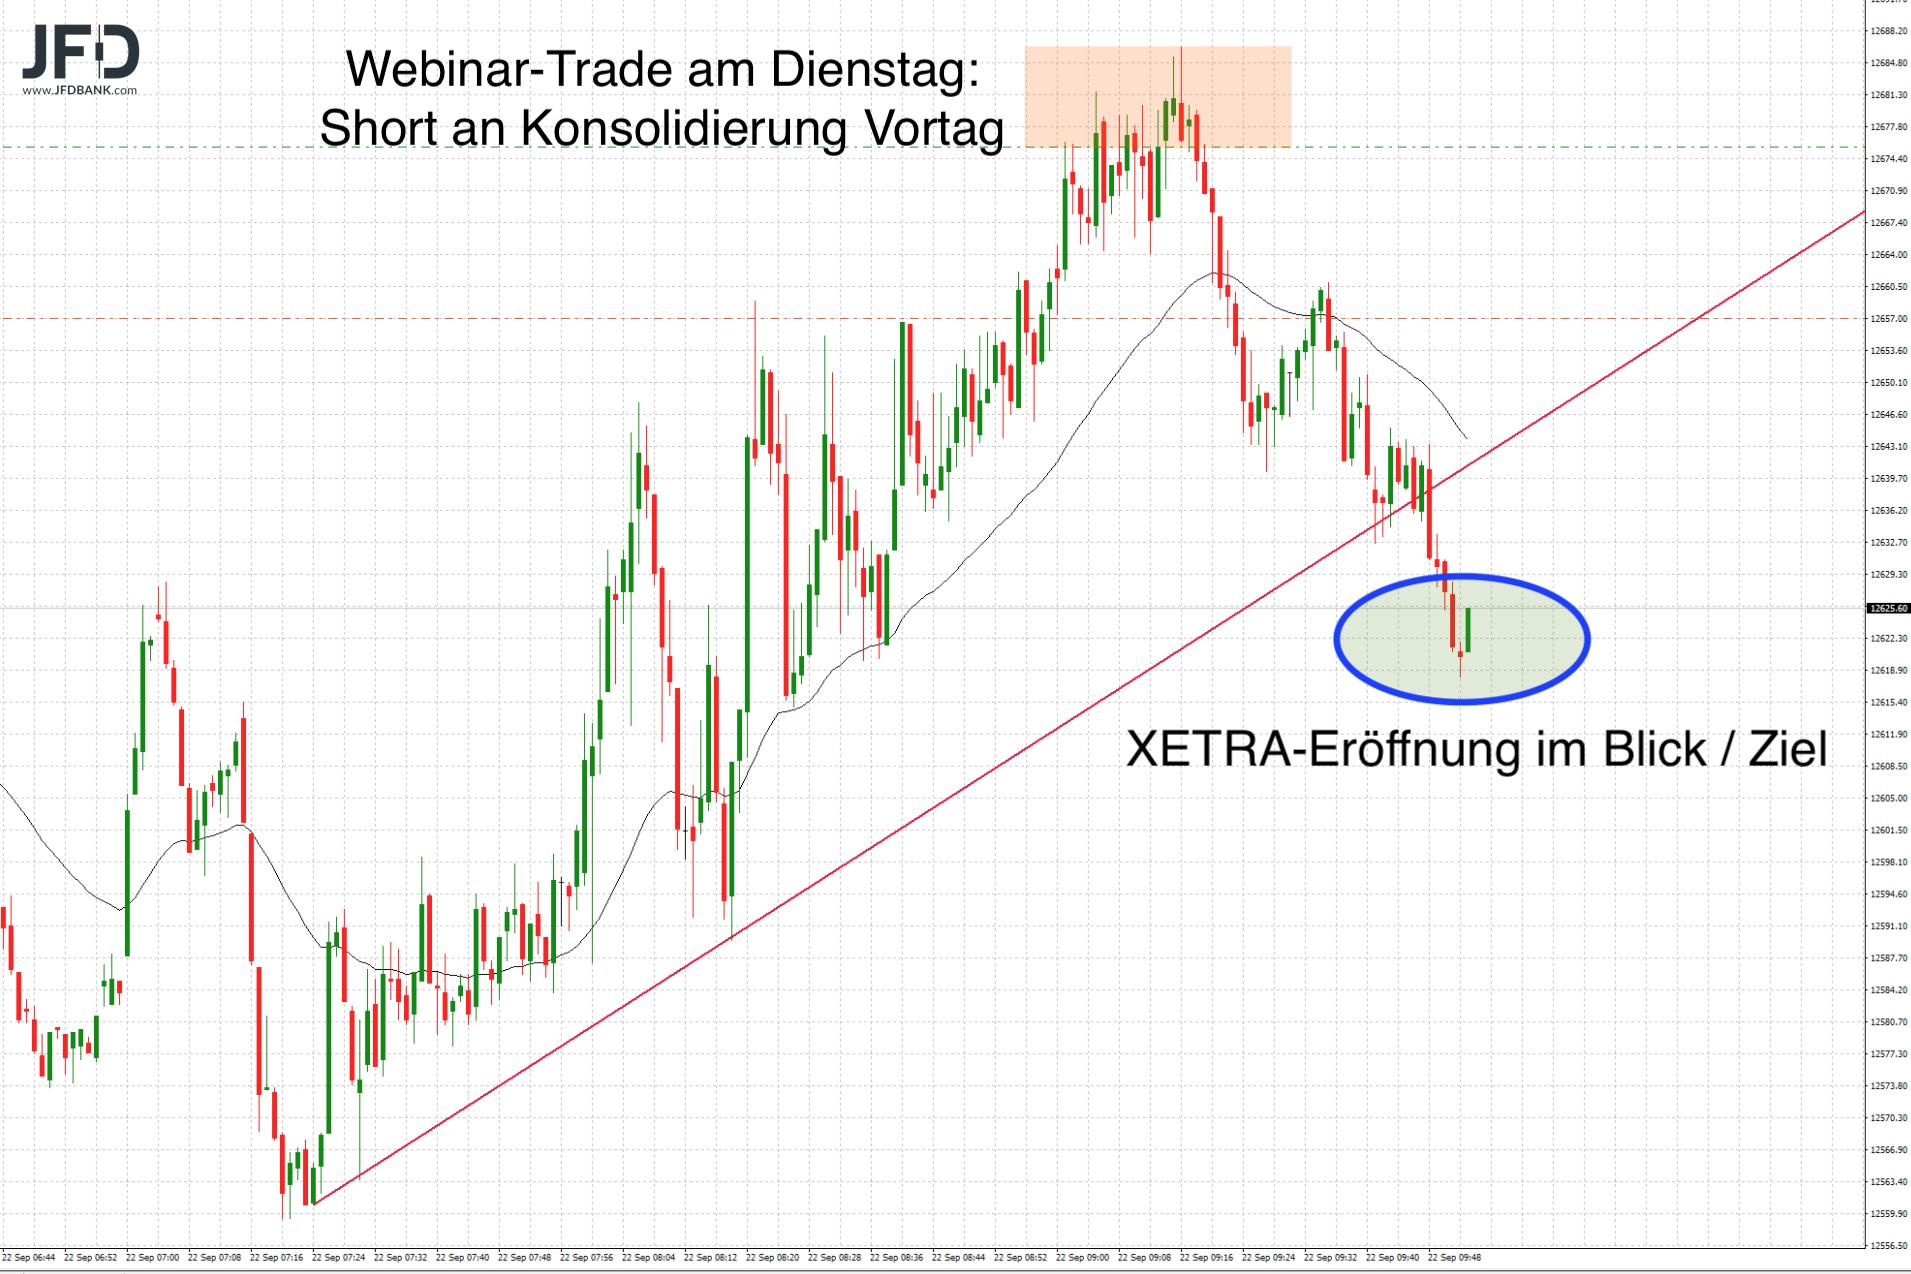 Webinar-Trade am Dienstag